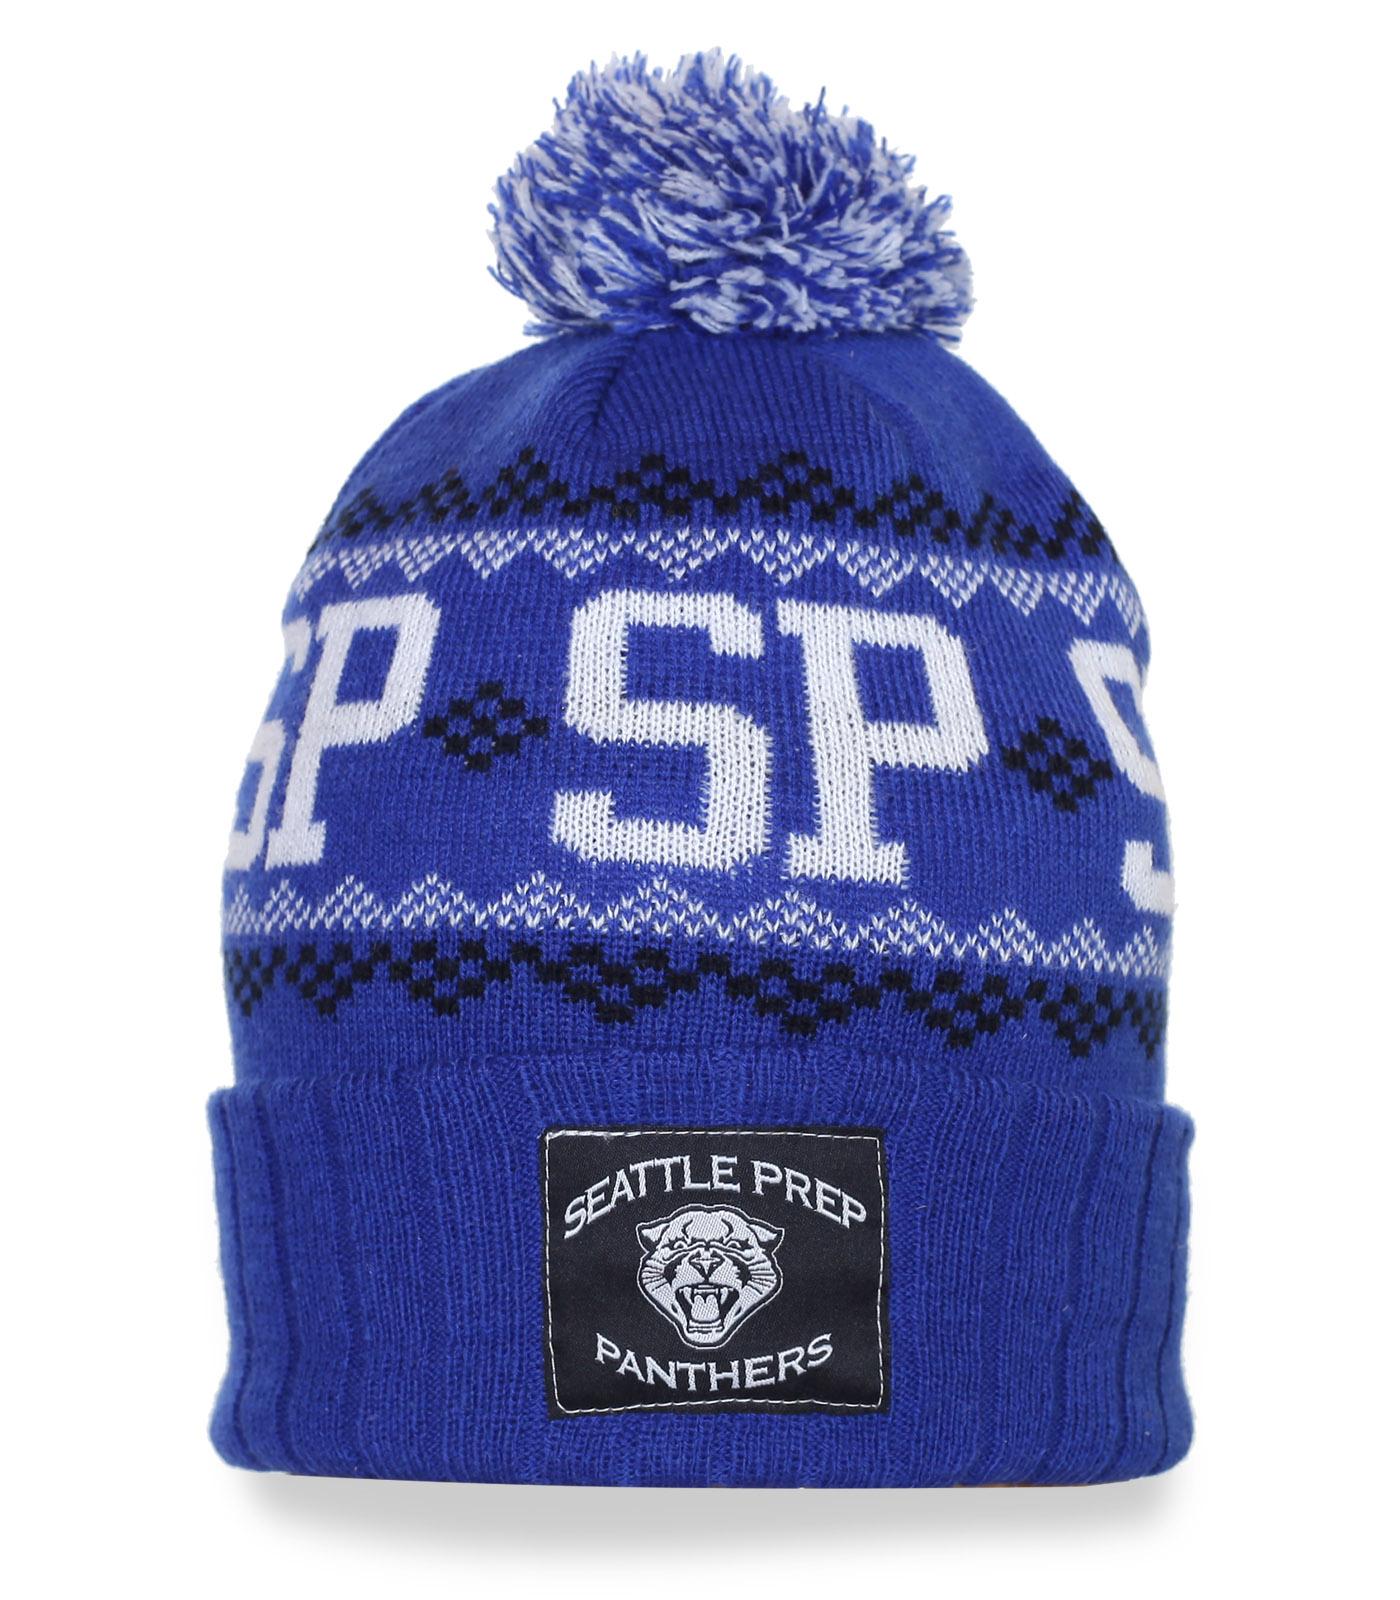 Классная зимняя шапка Seattle Prep Panthers